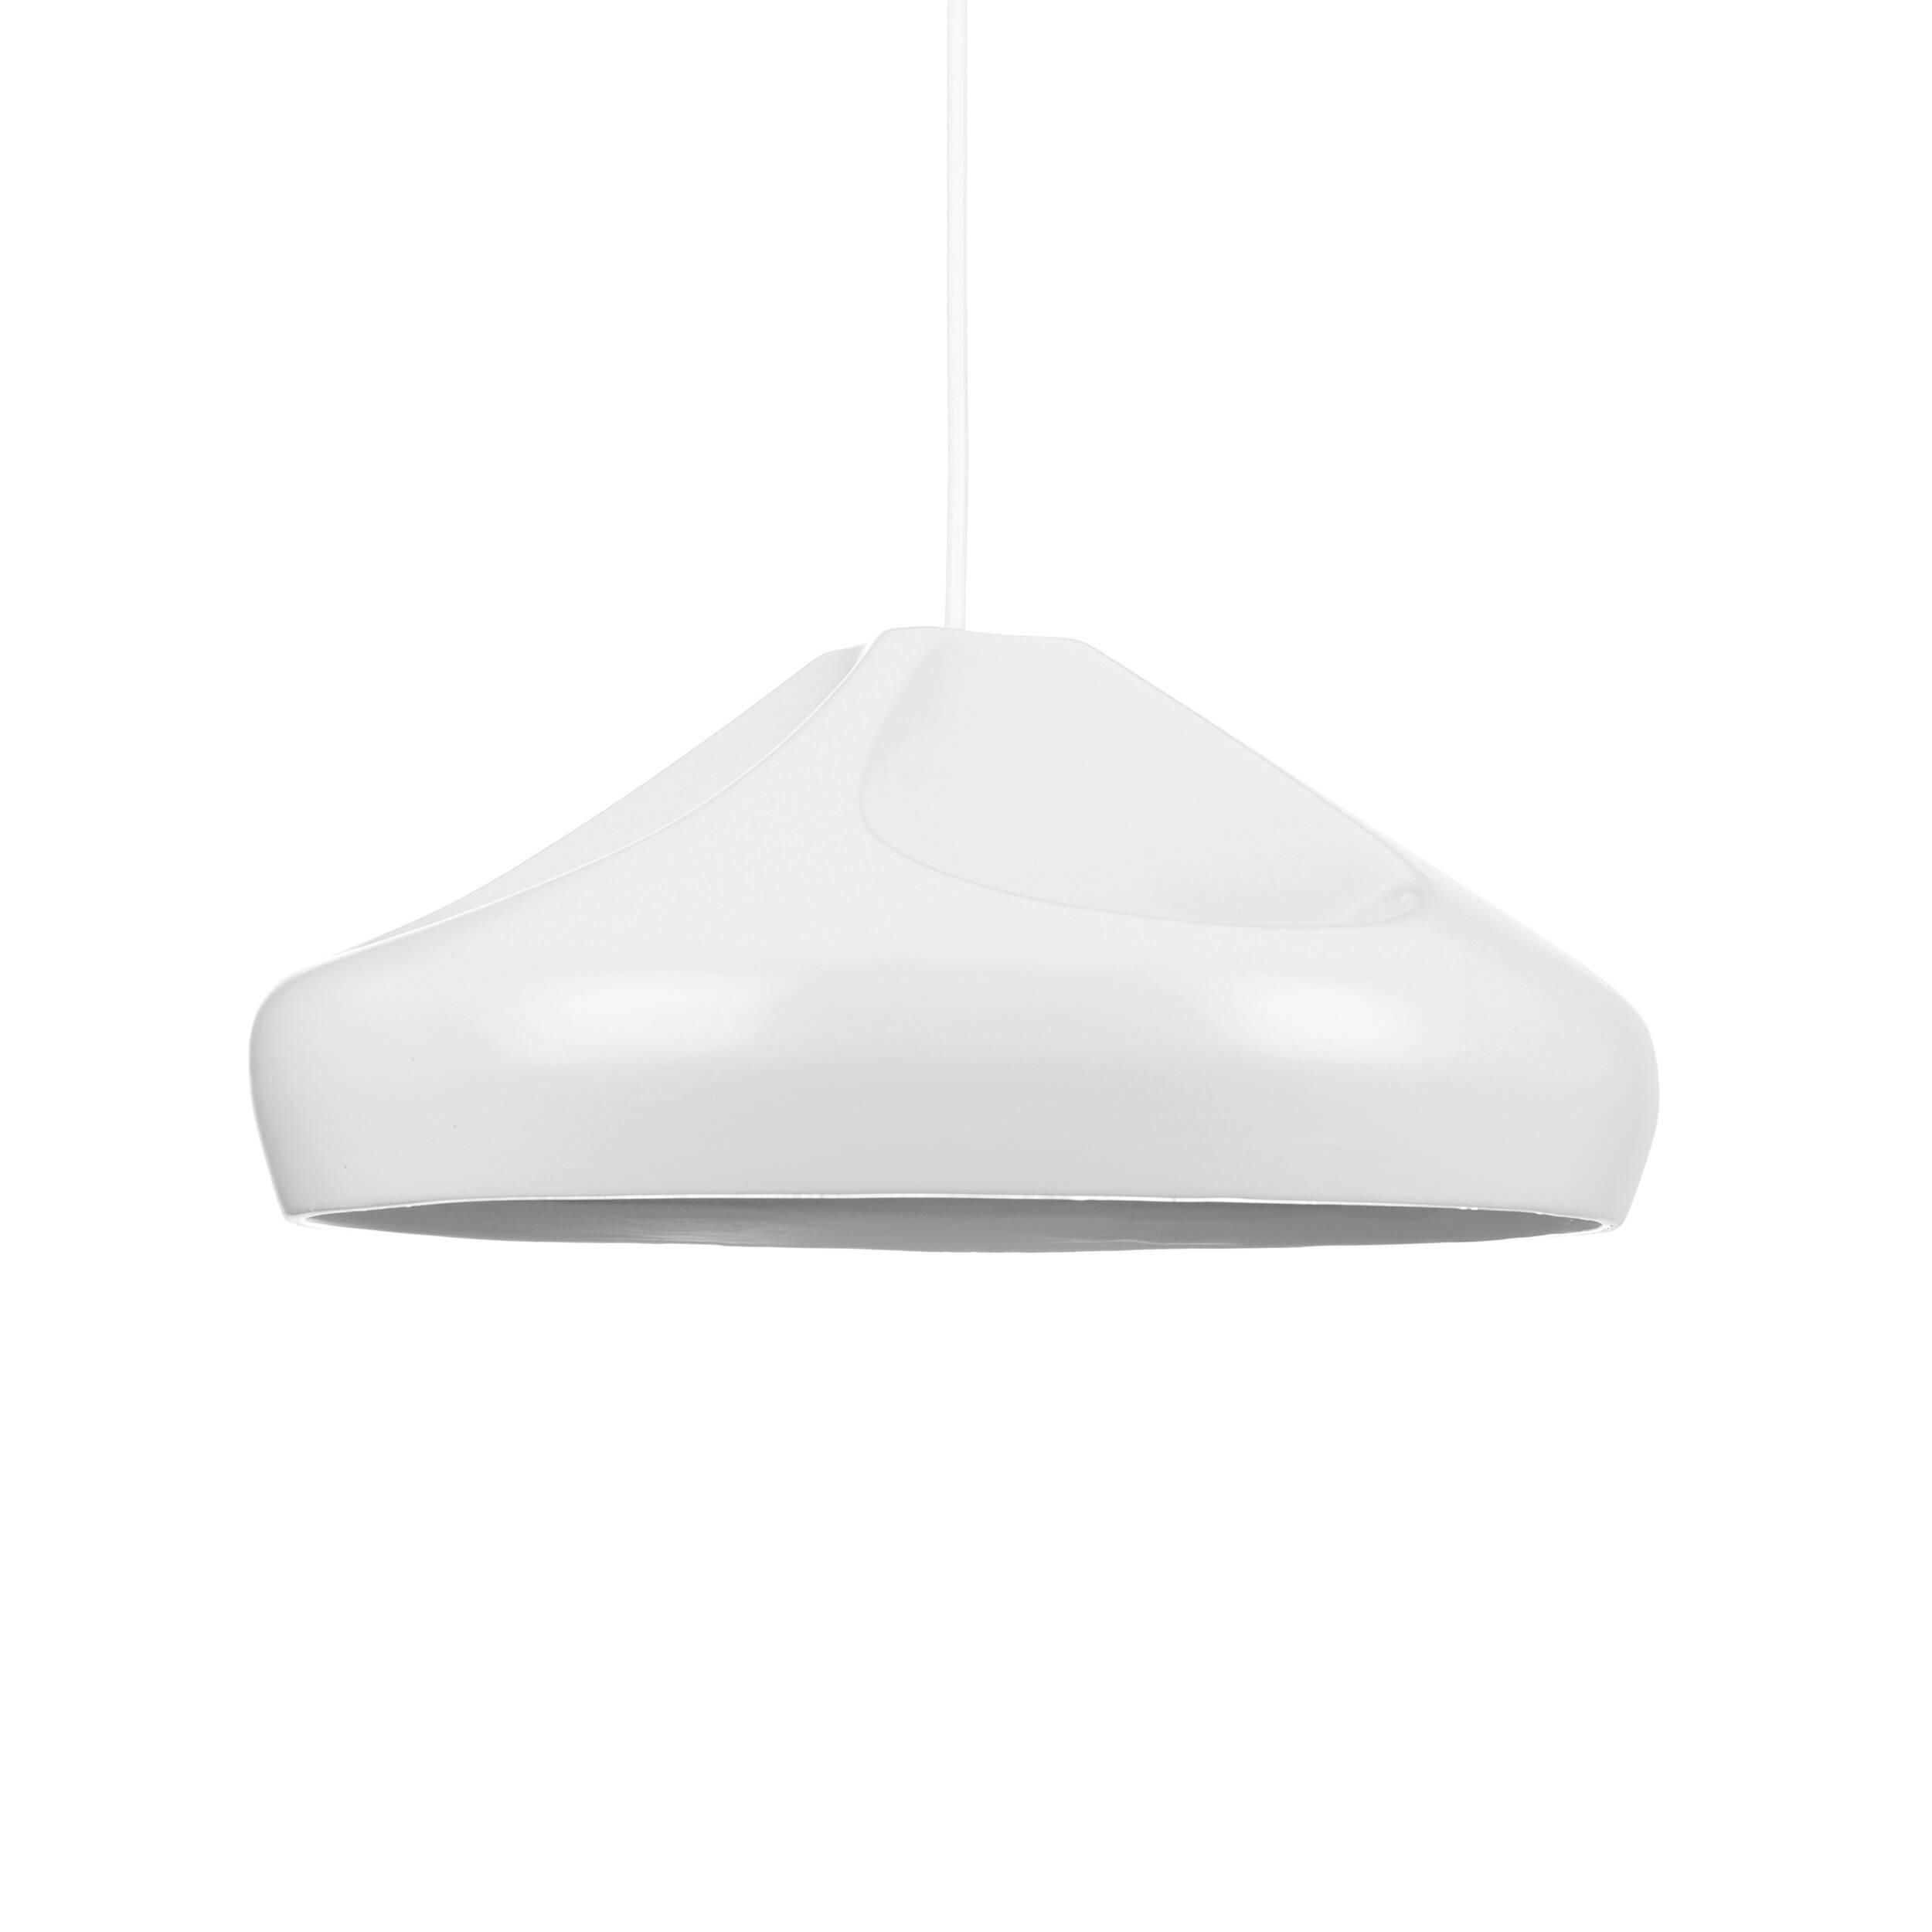 Подвесной светильник Miranda диаметр 36Подвесные<br>Коллекция ламп Miranda — результат творческой дизайнерской мысли. Абажуры сделаны в виде морщинистой ткани. Лампы доступны в различных цветах (золото, серебро, черный, красный и серый). <br> <br> Задумываясь об оформлении интерьера в современном стиле, не нужно изобретать колесо — существуют стили, которые одинаково уютны и современны, а также обязательно удовлетворят и искушенных, и неопытных в дизайне людей. Скандинавский стиль как раз столь лаконичен, сколь современен. Он пользуется популярнос...<br><br>stock: 10<br>Высота: 150<br>Диаметр: 36<br>Количество ламп: 1<br>Материал абажура: Керамика<br>Мощность лампы: 40<br>Ламп в комплекте: Нет<br>Напряжение: 220<br>Тип лампы/цоколь: E27<br>Цвет абажура: Белый